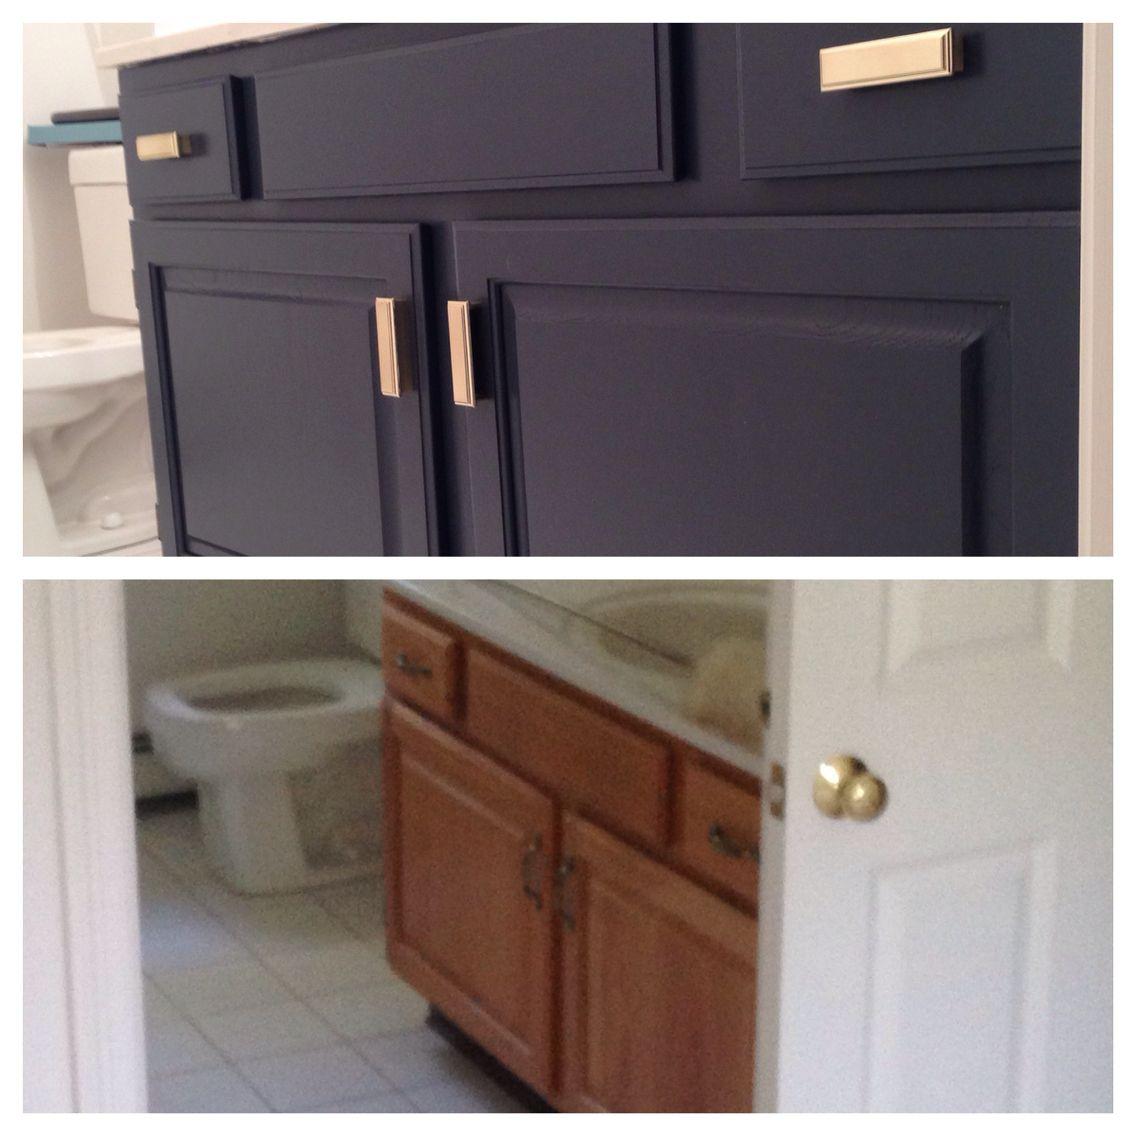 Diy Before And After Builder Grade Oak Bathroom Vanity In Bm Hale Navy And Brushed Gold Handl Painted Vanity Bathroom Oak Bathroom Vanity Bathroom Cabinets Diy